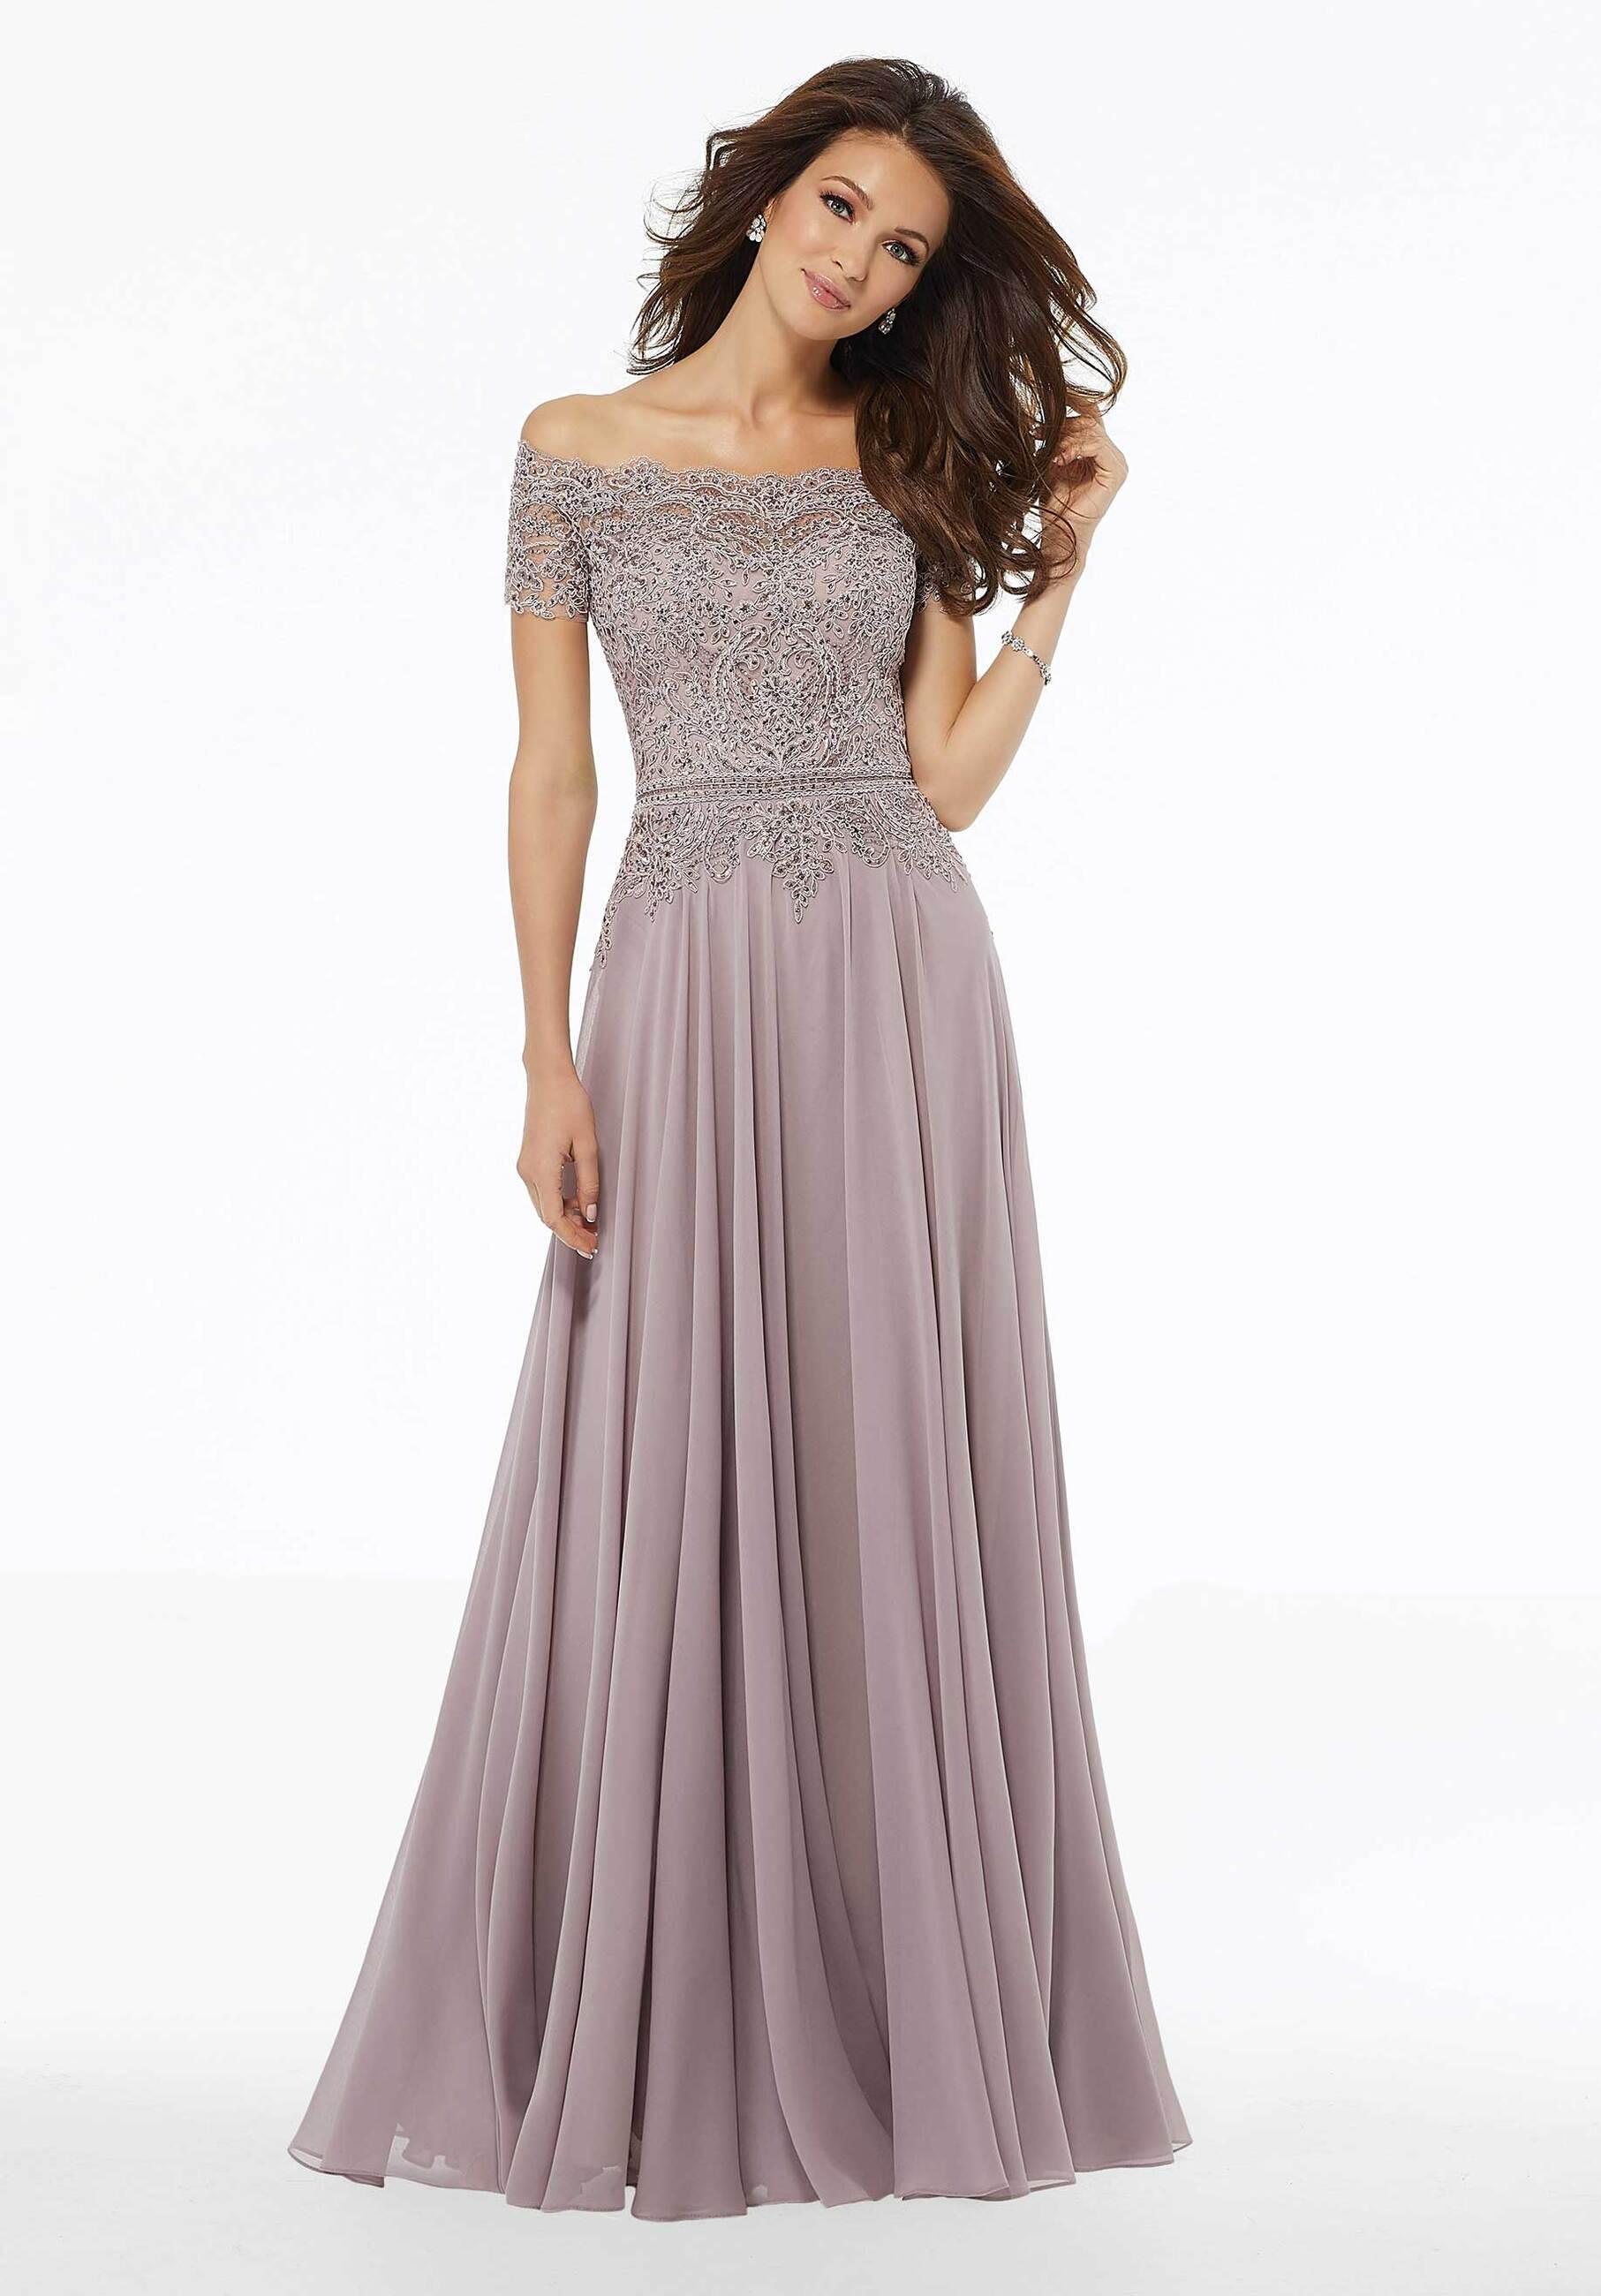 Model wearing a Morilee Damas dress